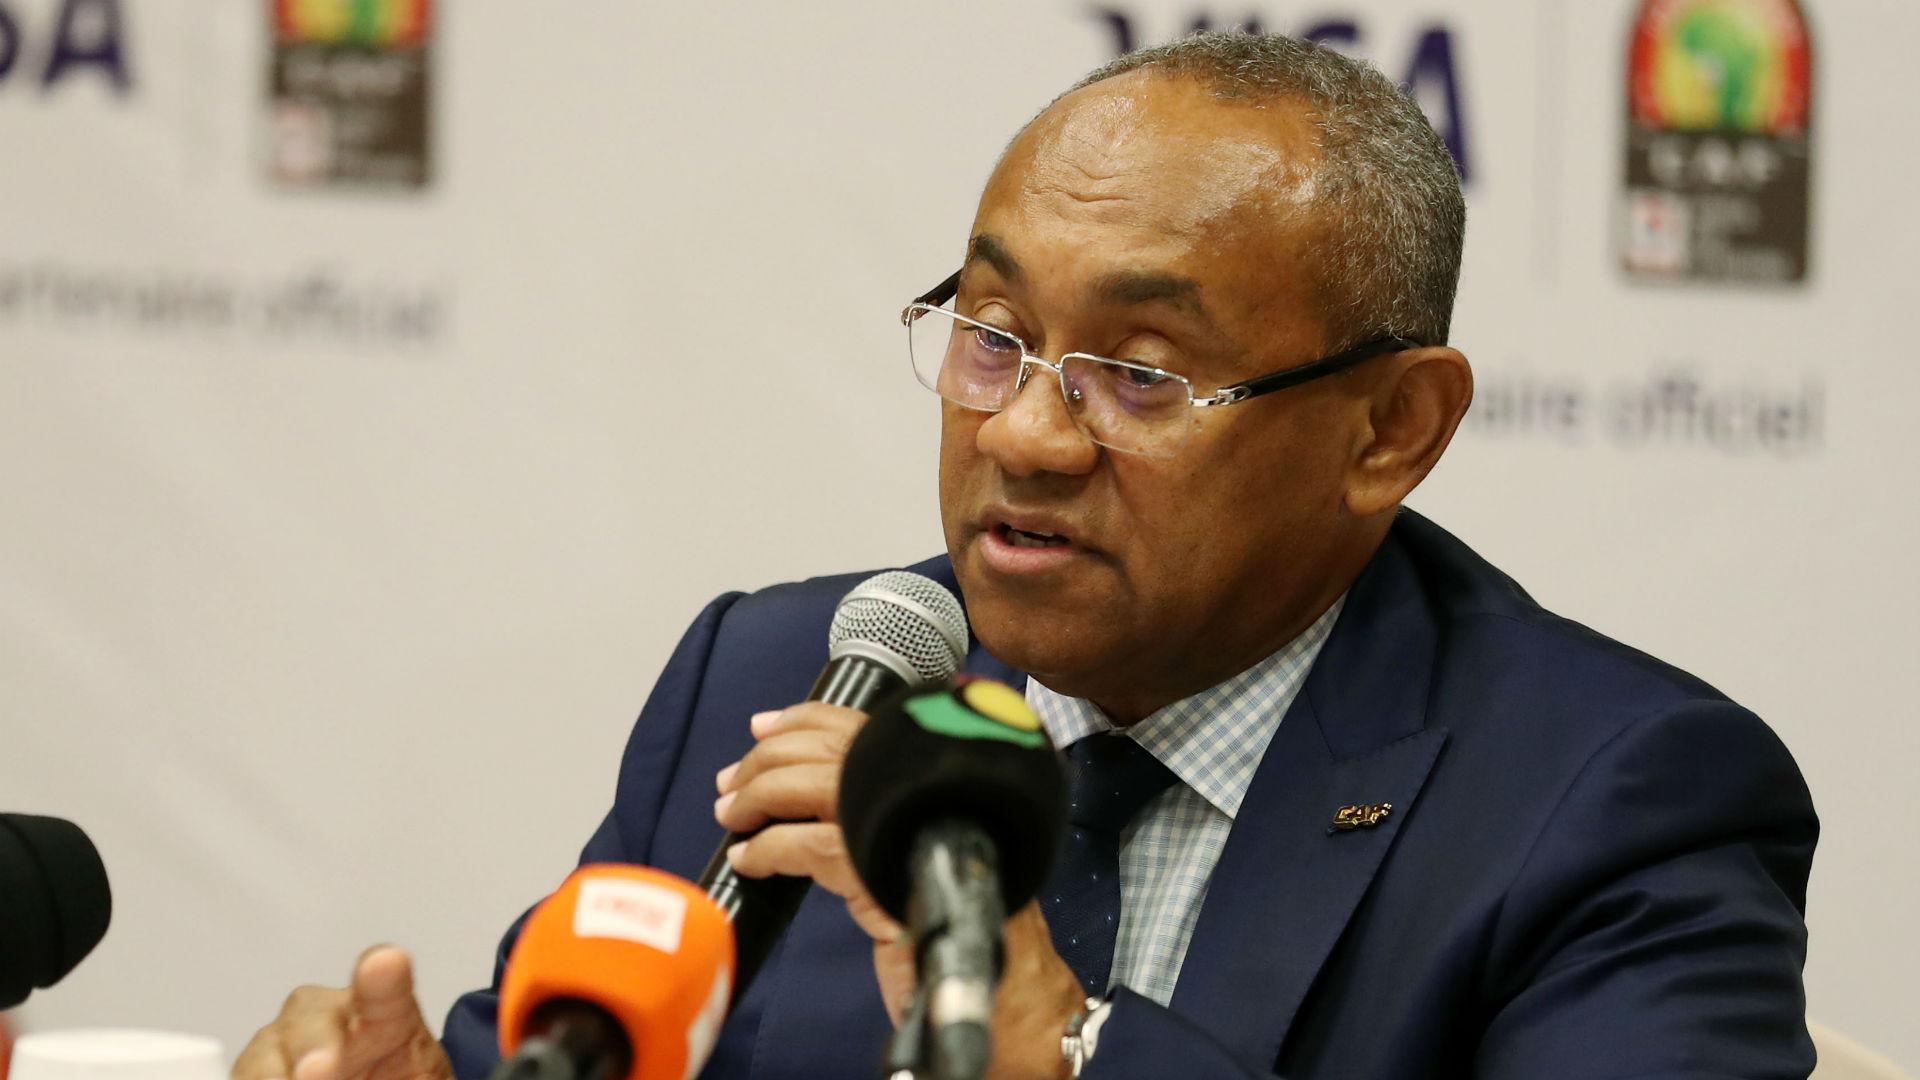 أحمد أحمد: رئيس الاتحاد الإفريقي لكرة القدم